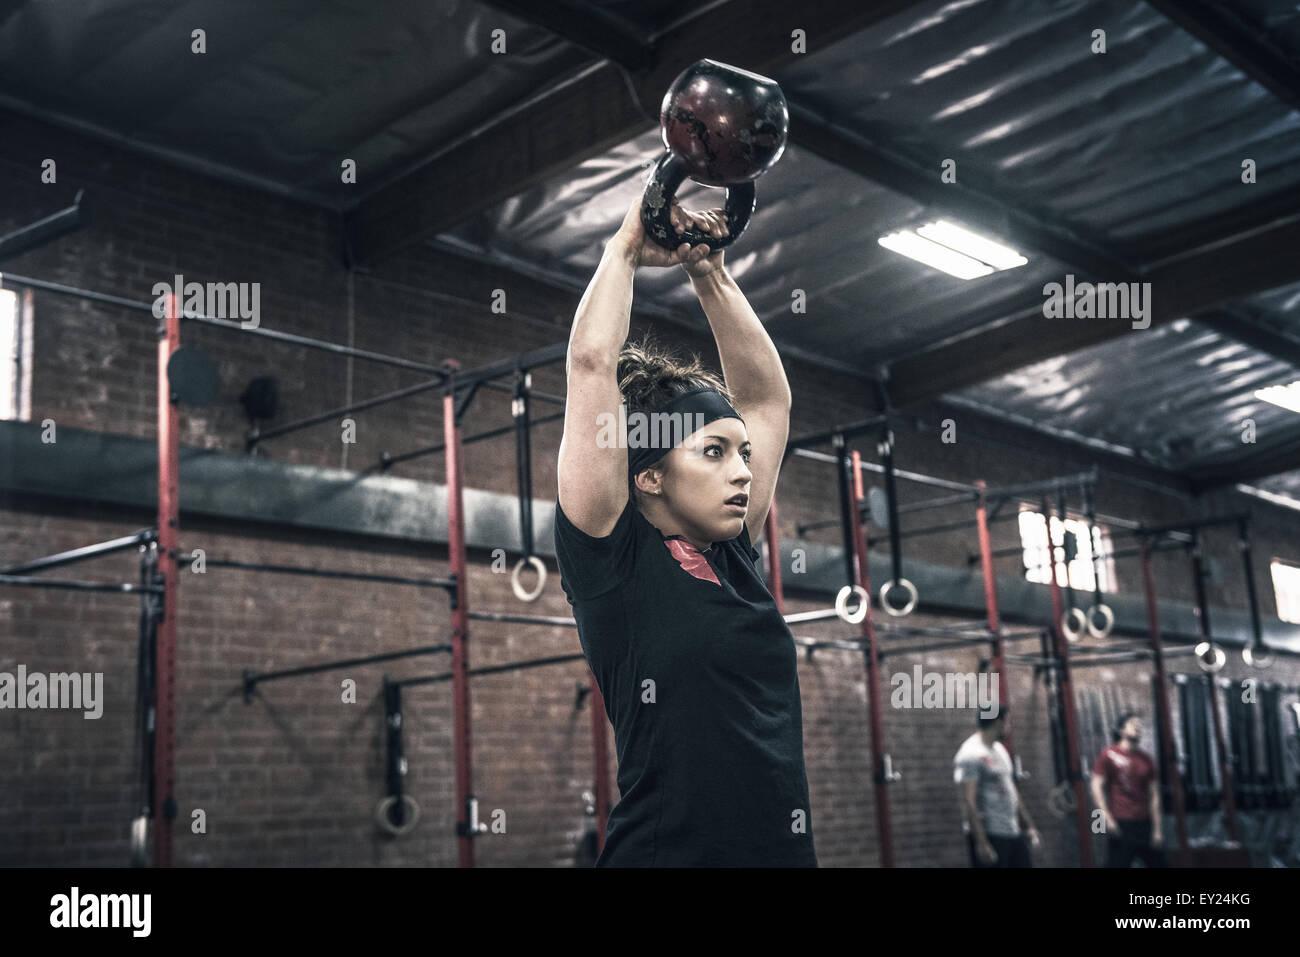 Mujer joven sosteniendo hervidora campanas de gimnasio Imagen De Stock